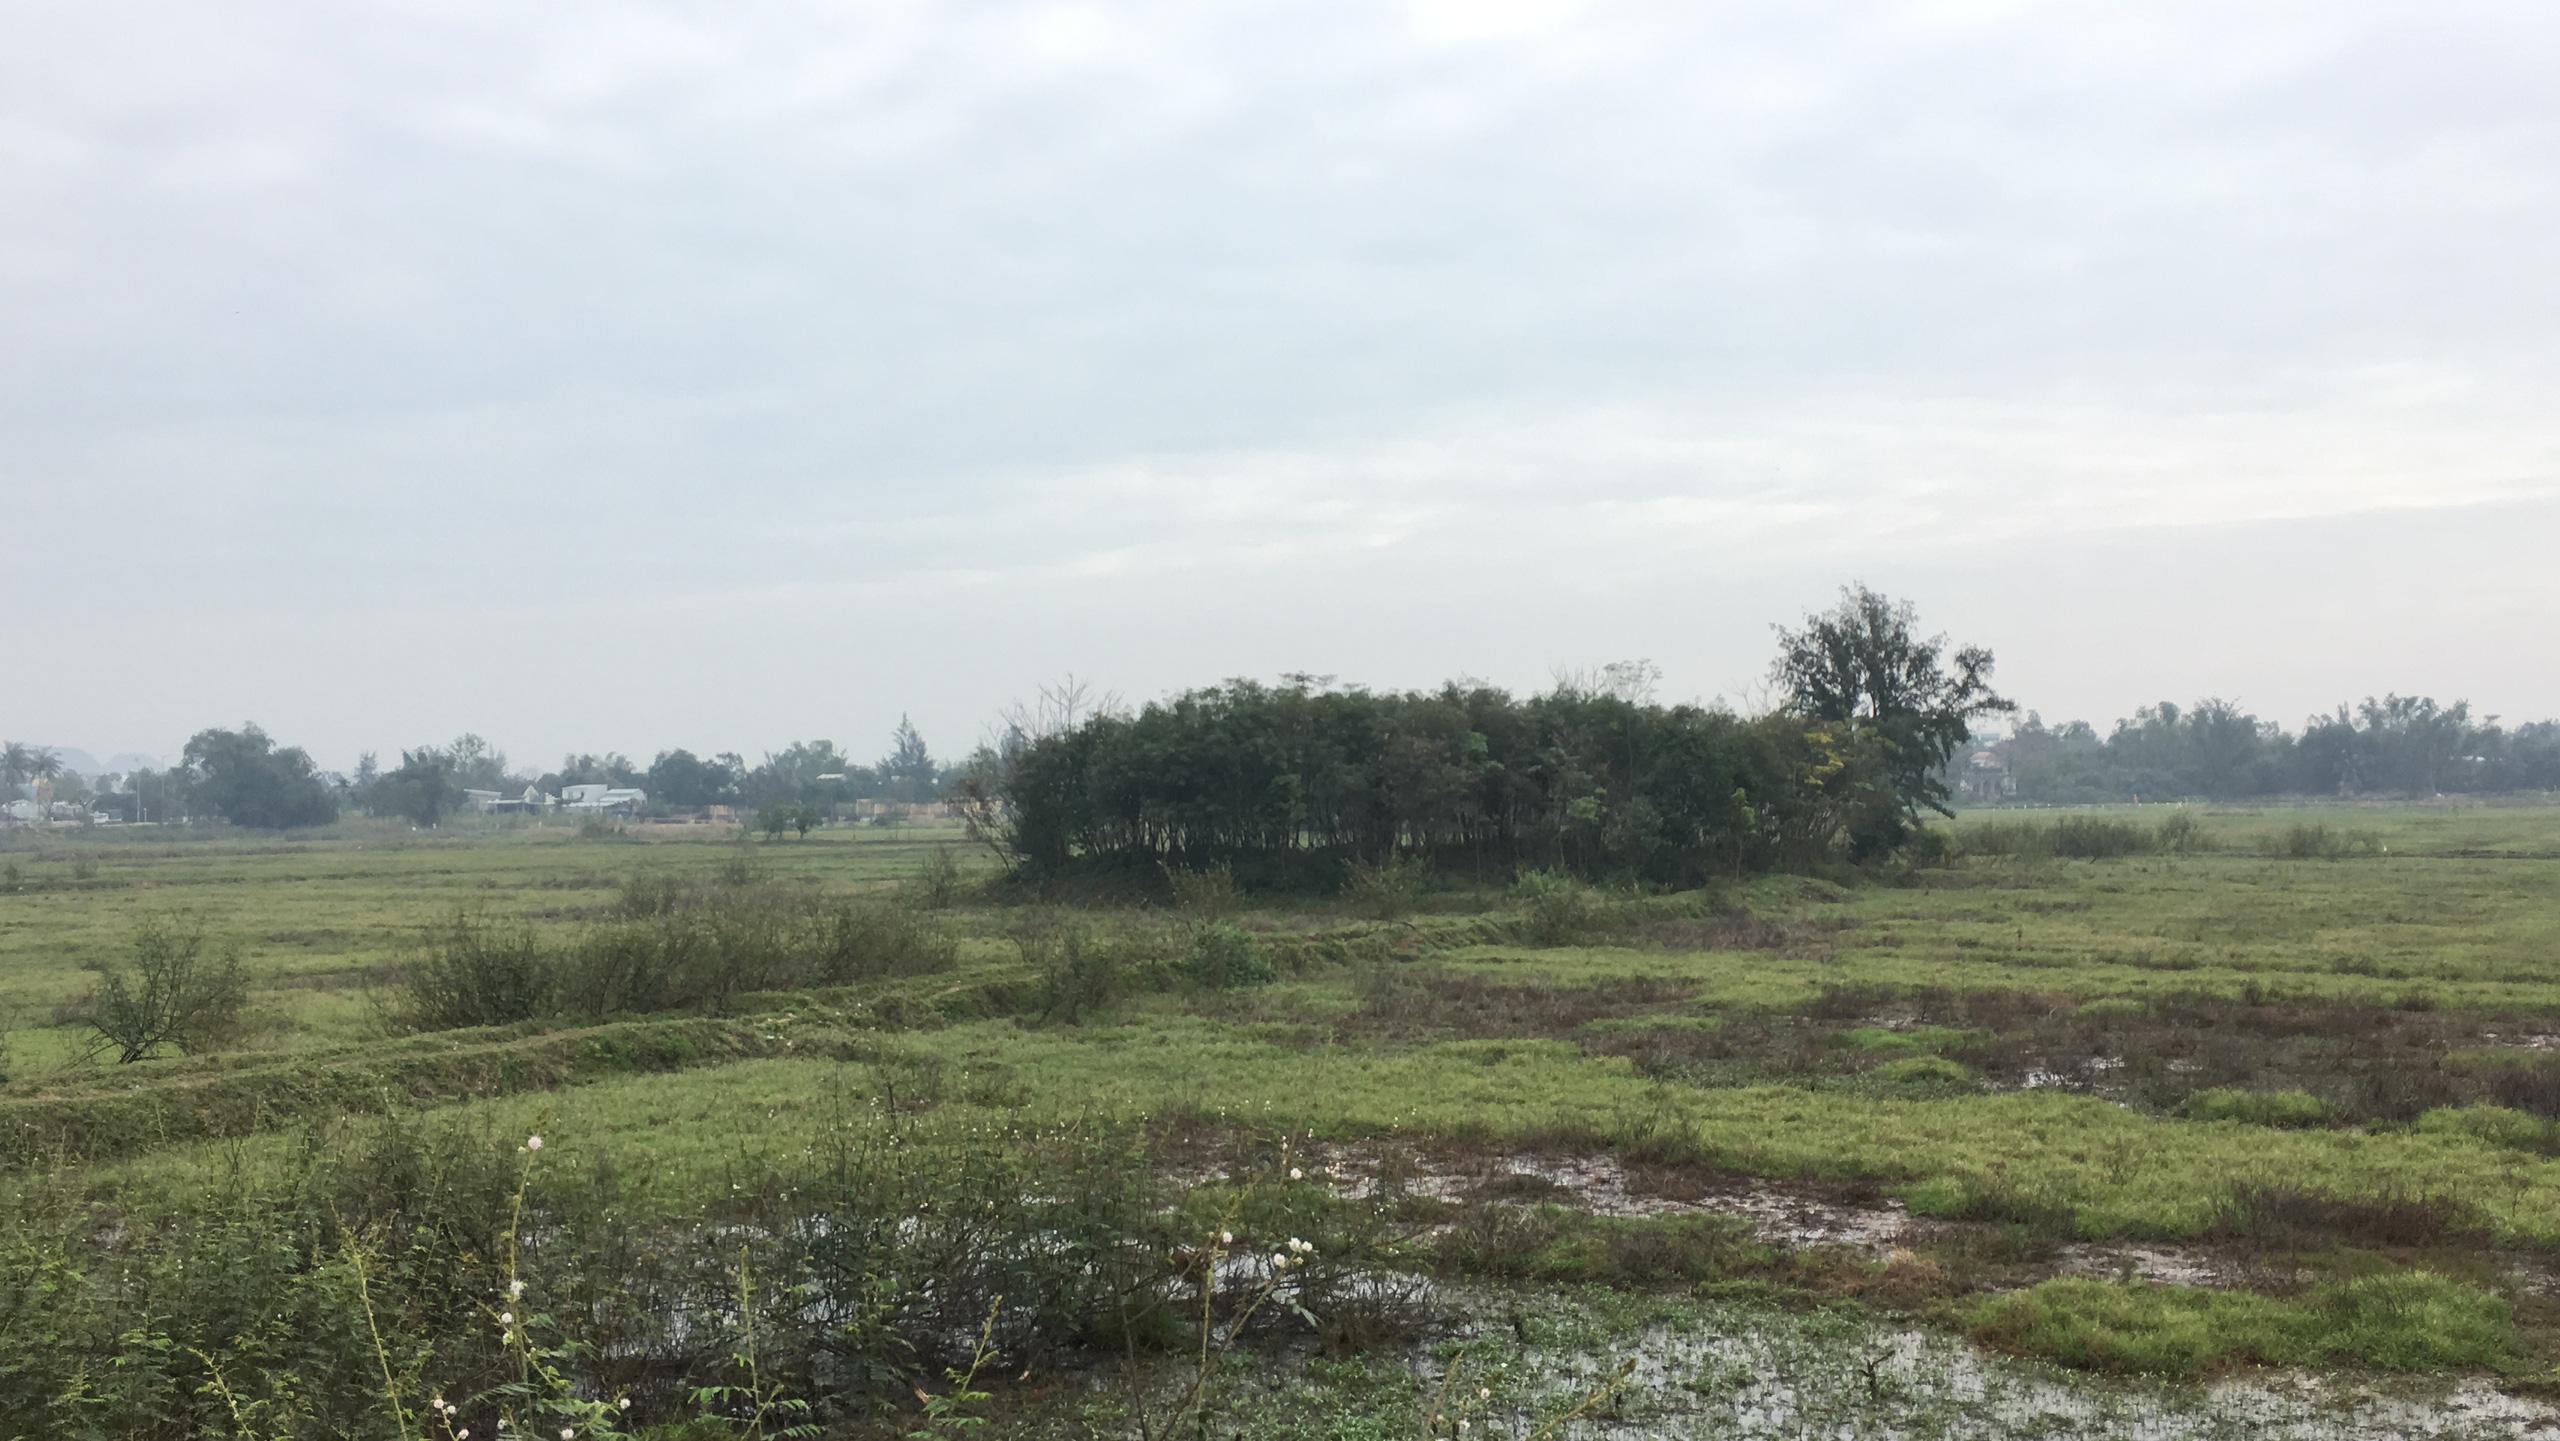 Cận cảnh khu đất ở Đà Nẵng triển khai dự án quần thể bệnh viện quốc tế gần 5.000 tỷ đồng - Ảnh 7.